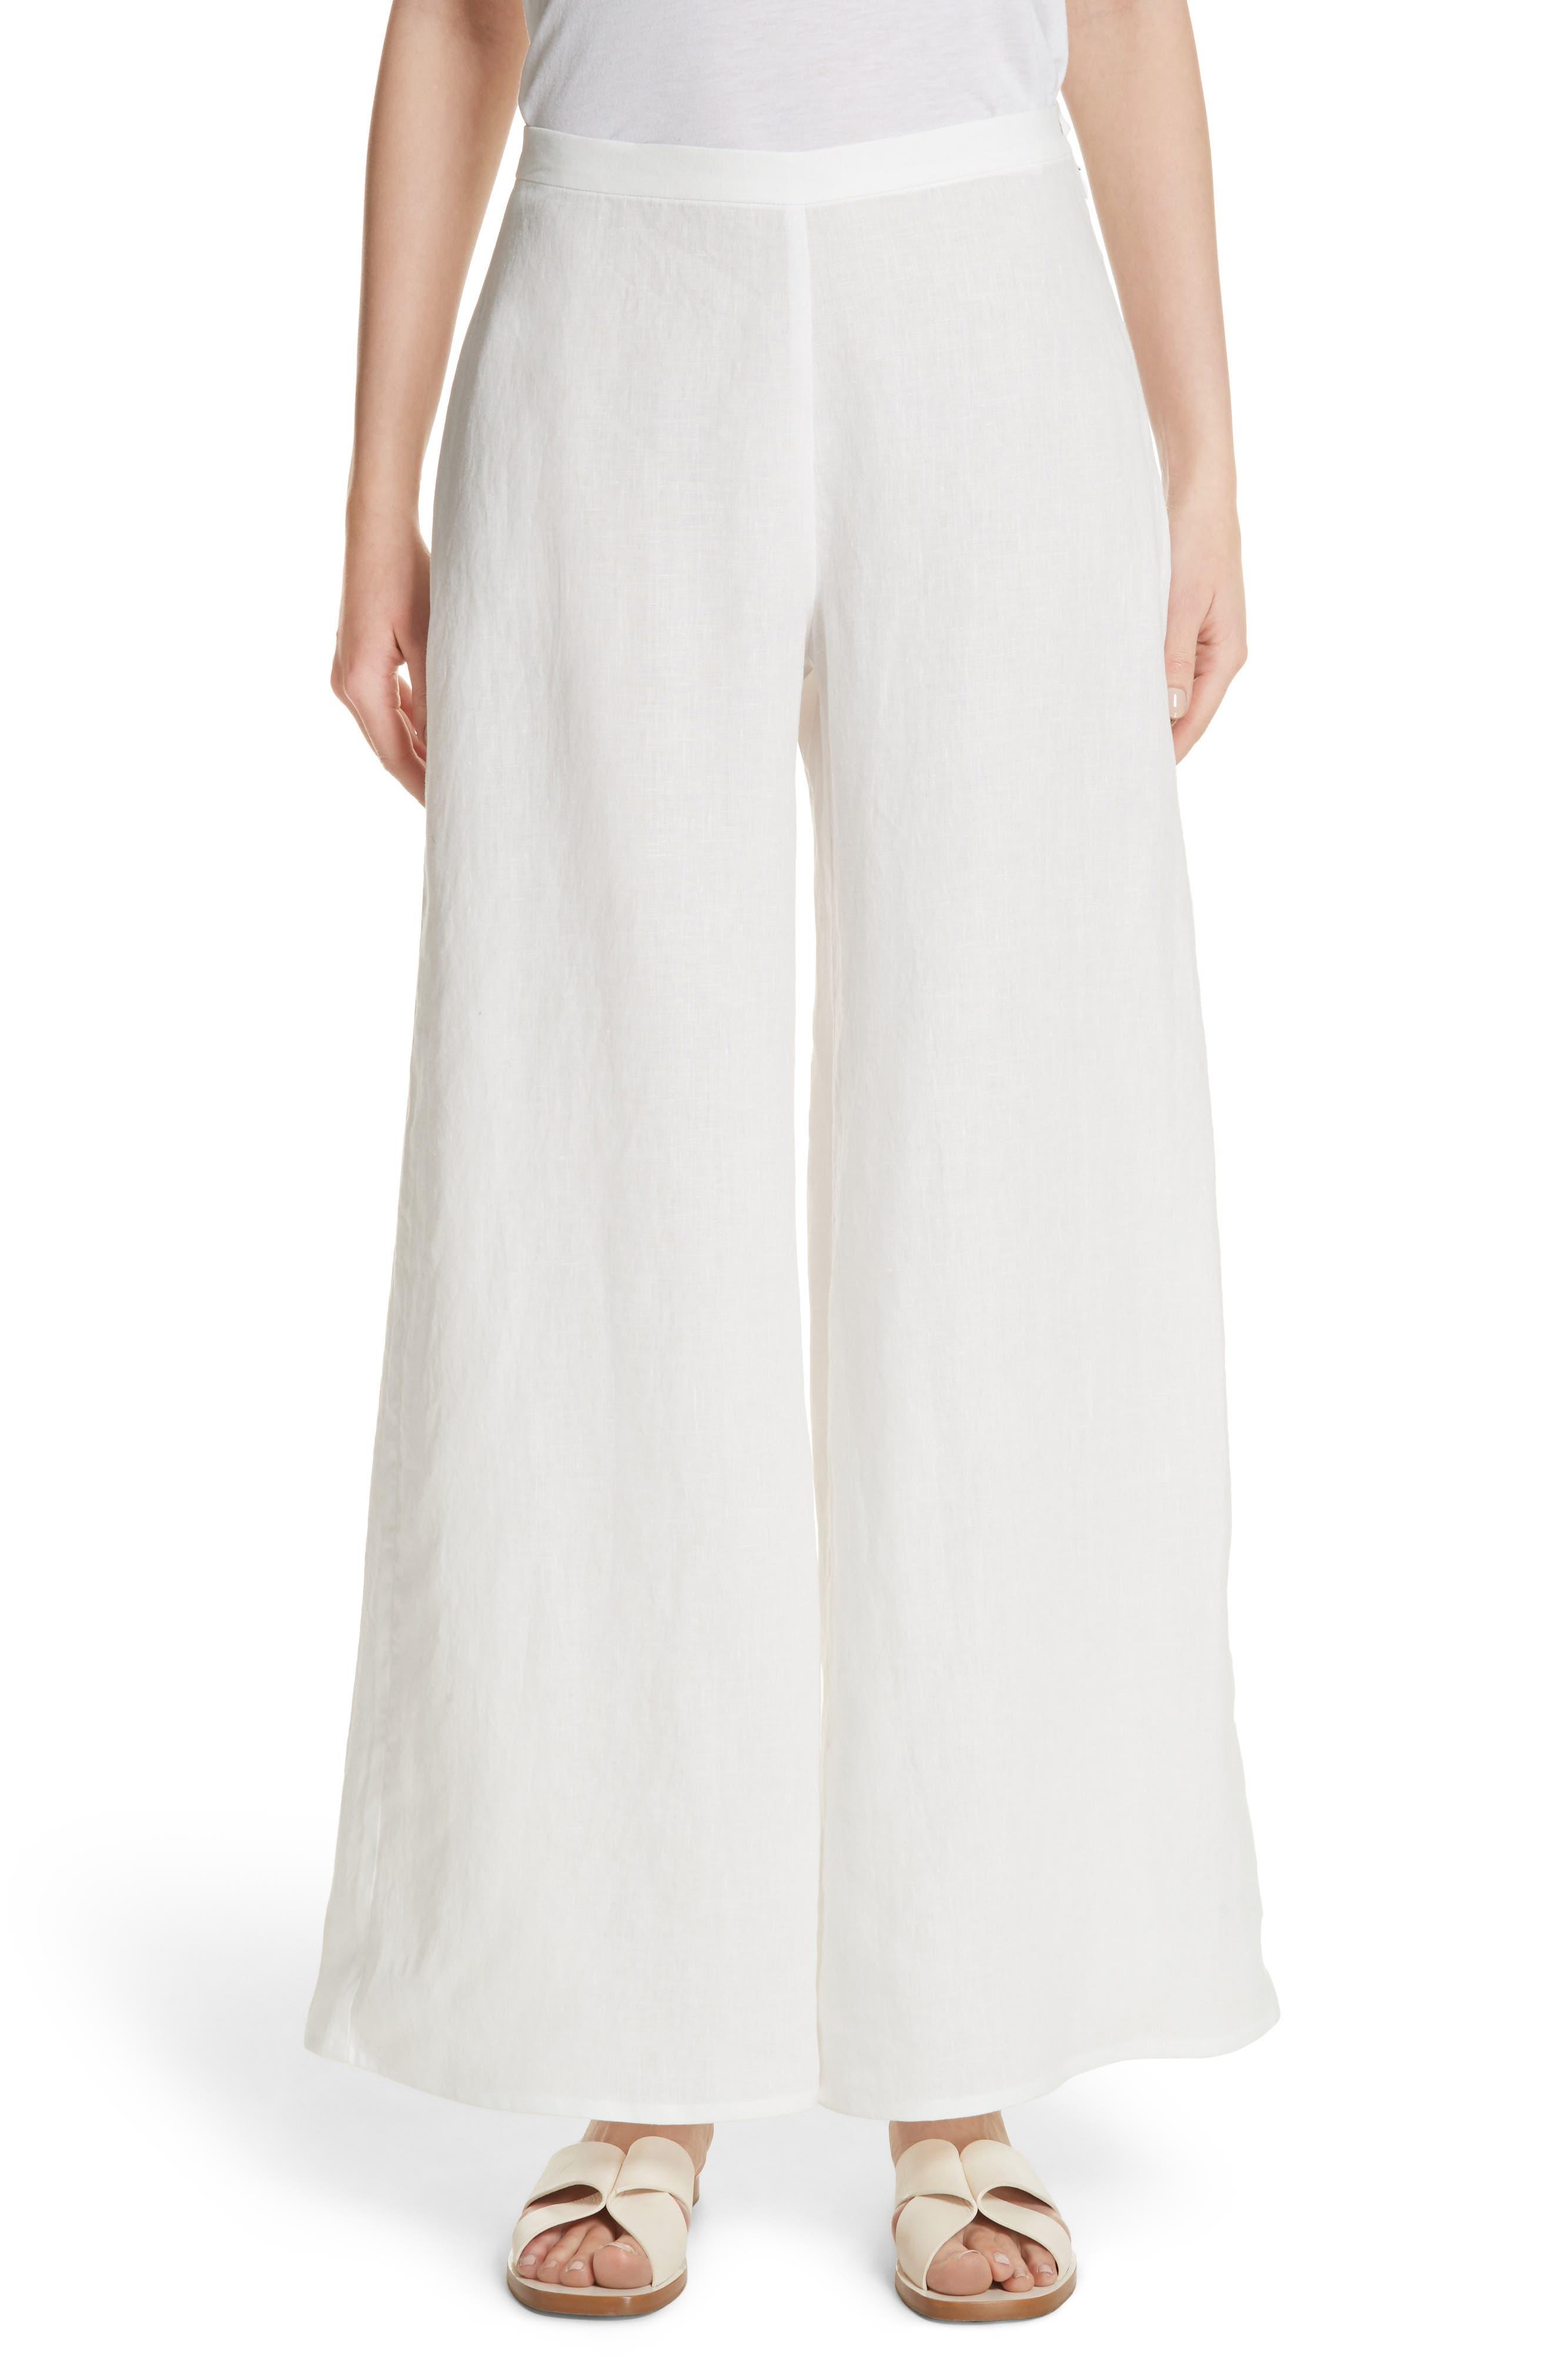 Aliso Wide Leg Pants,                         Main,                         color, White